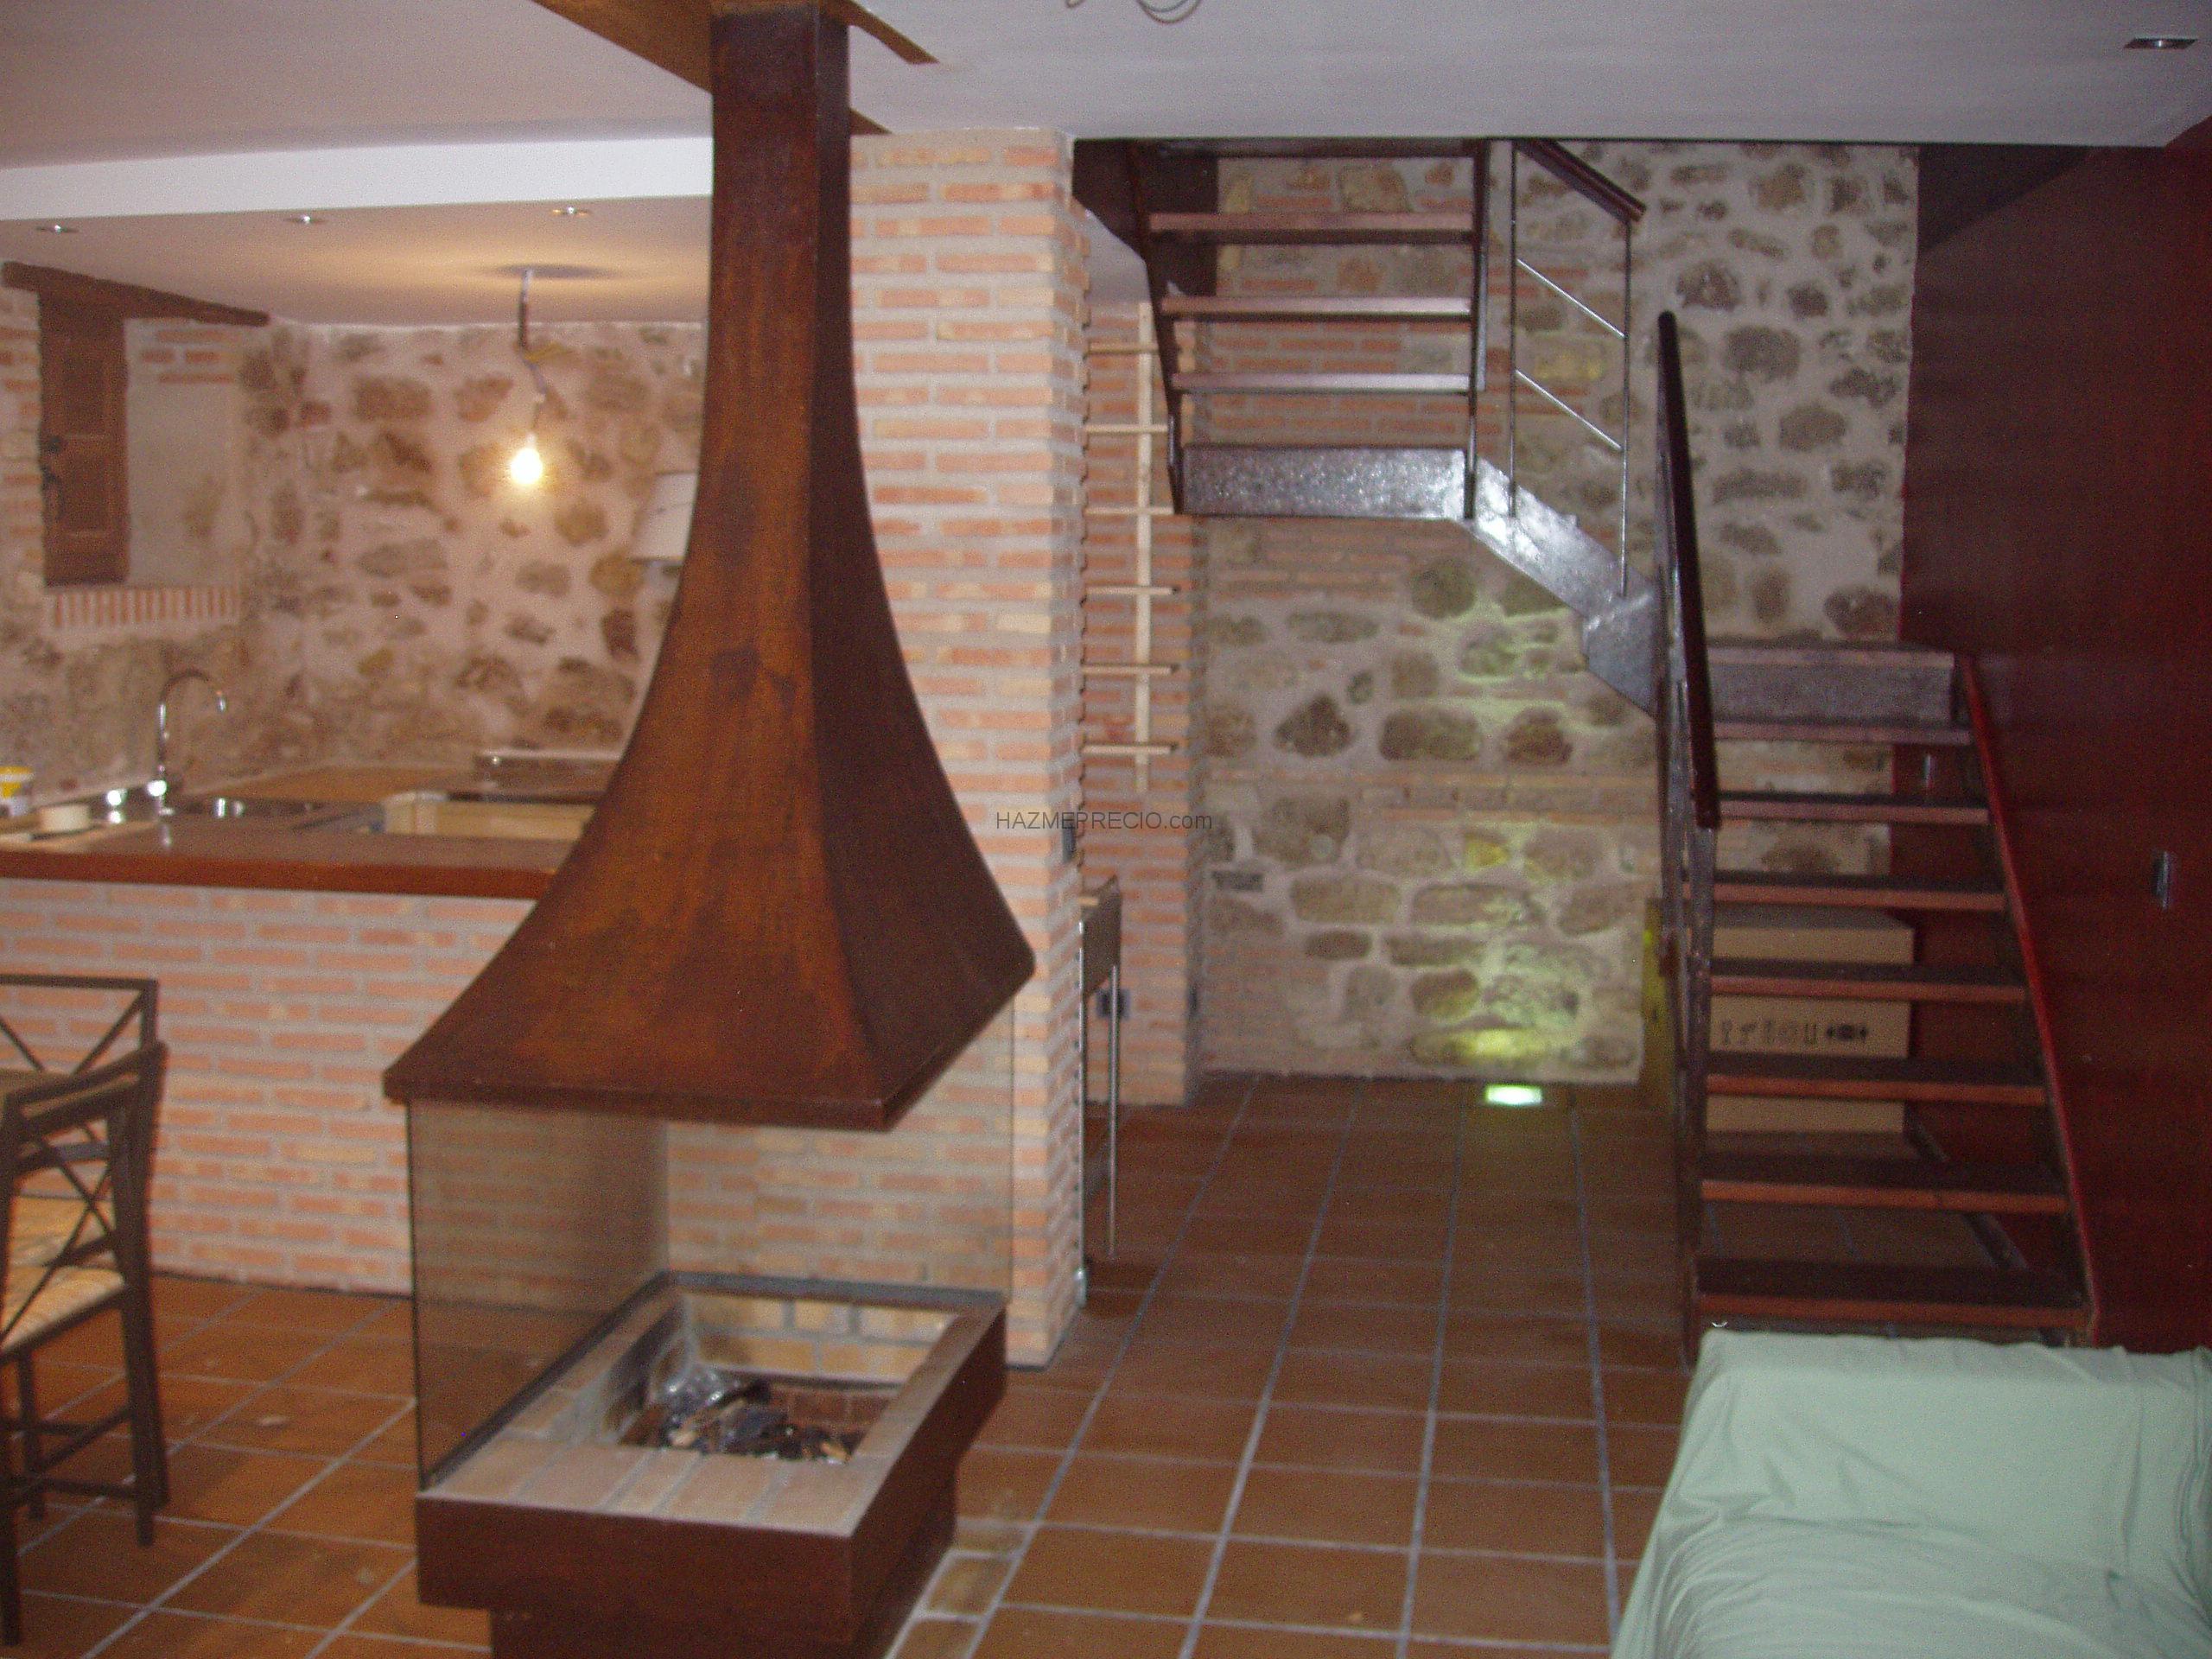 Imagenes Decoraciones Rusticas Para Casas ~ Decoraciones Rusticas Con Ladrillo Rojo Pictures Pictures